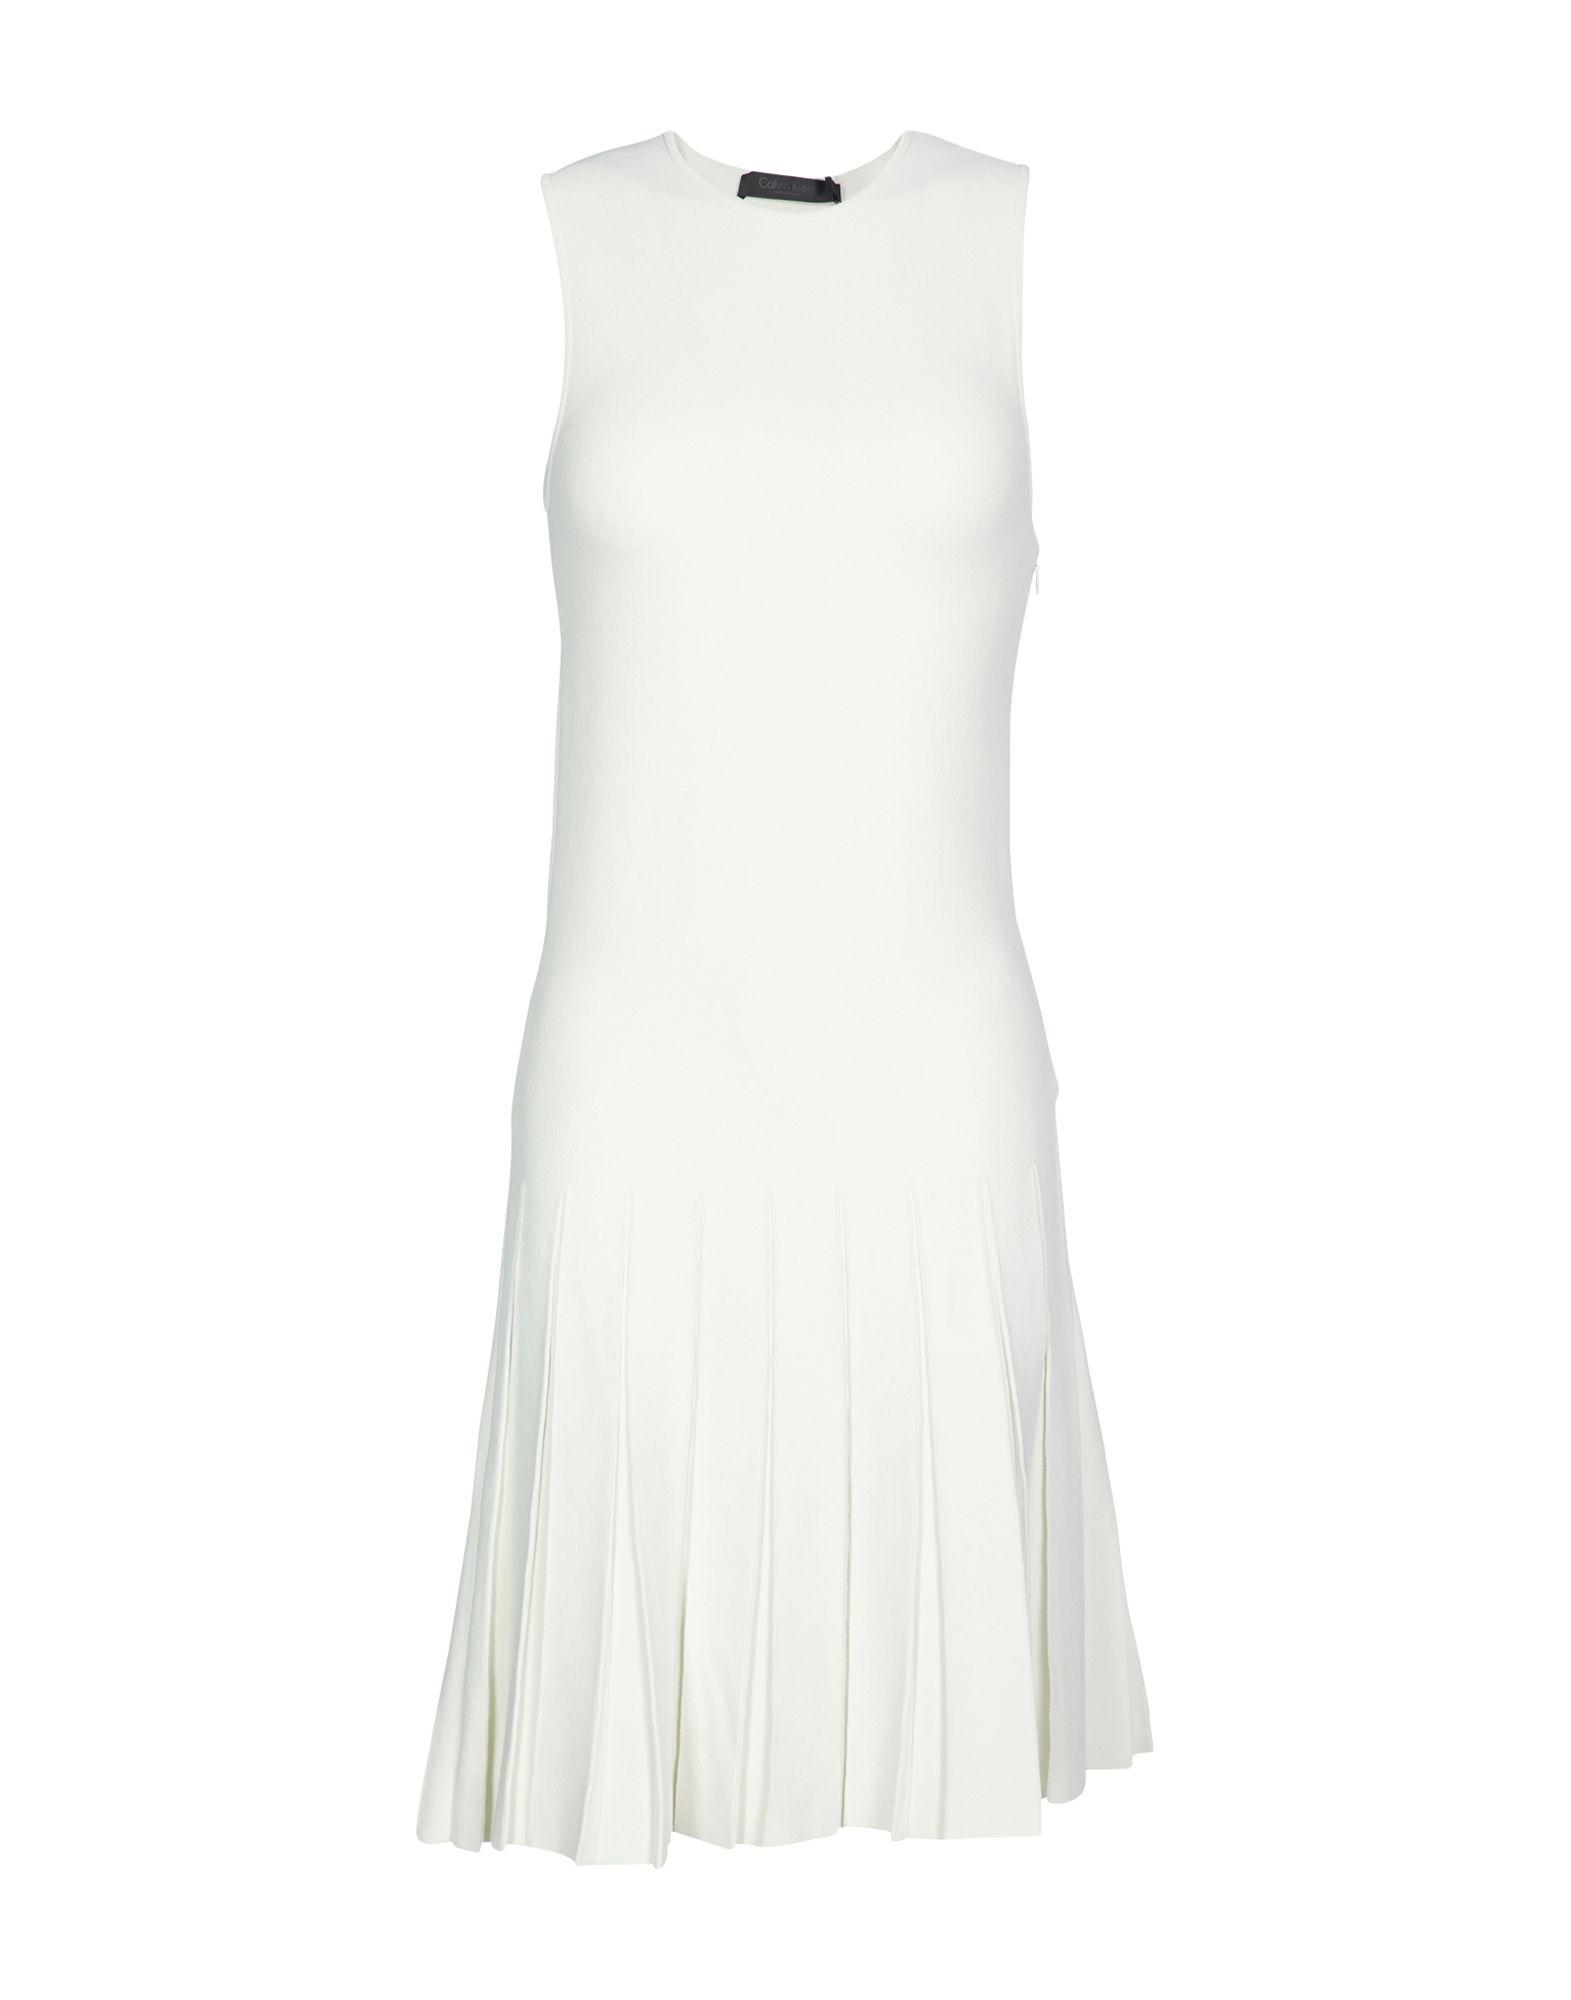 CALVIN KLEIN COLLECTION Короткое платье платье calvin klein